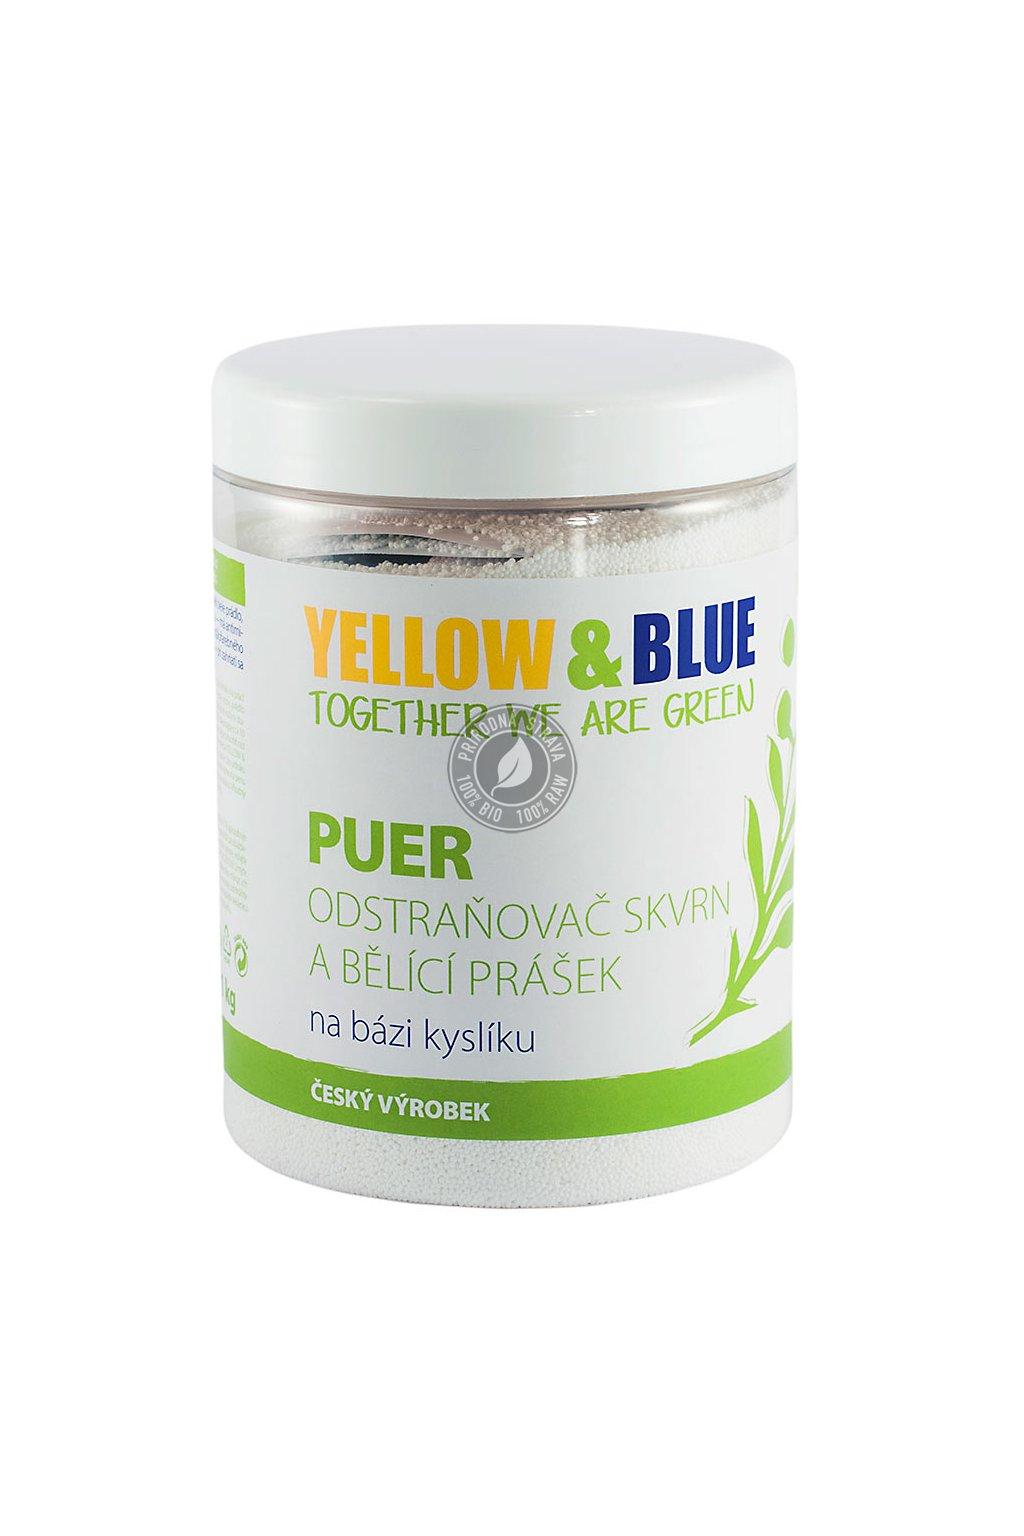 PUER - bieliaci prášok a odstraňovač škvŕn na báze kyslíka (dóza 1 kg)